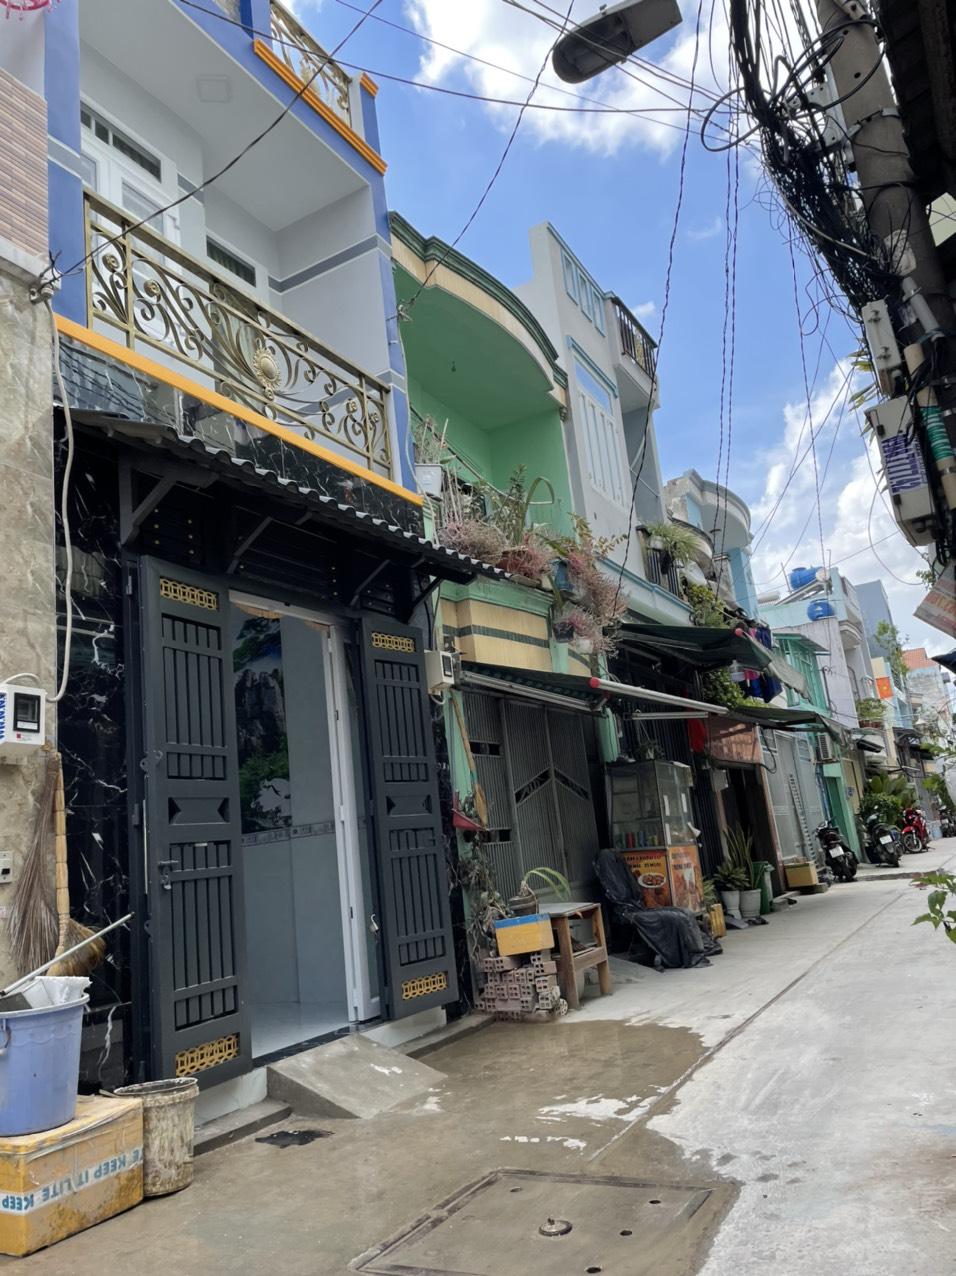 Bán nhà đường Chiến Lược quận Bình Tân dưới 3 tỷ Nhà đẹp 1 lầu vào ở ngay, sổ hồng riêng